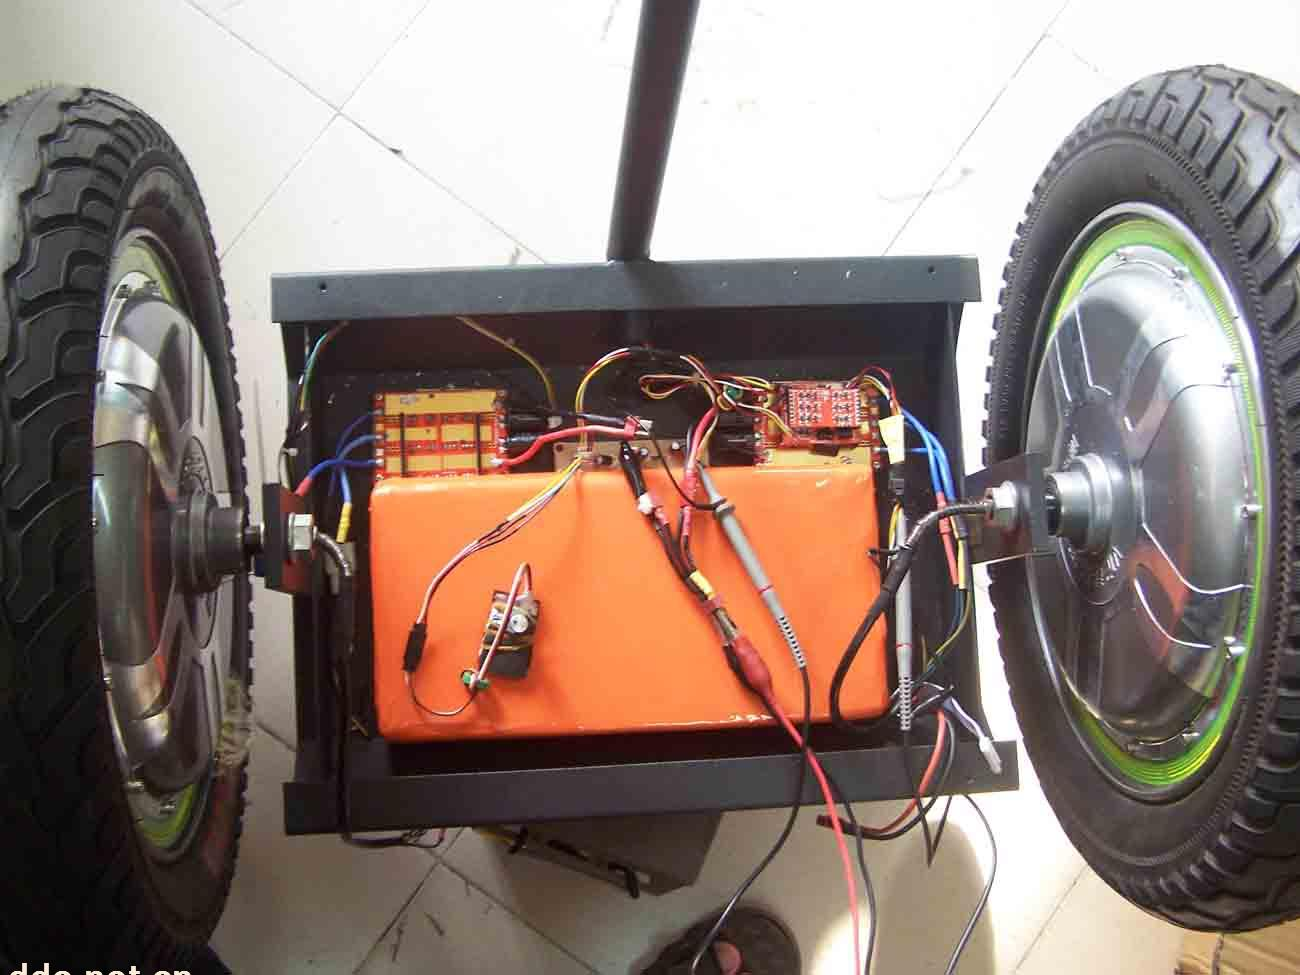 中国电动车网 产品中心 滑板车 > 两轮平衡车,两轮平衡车价格,深圳